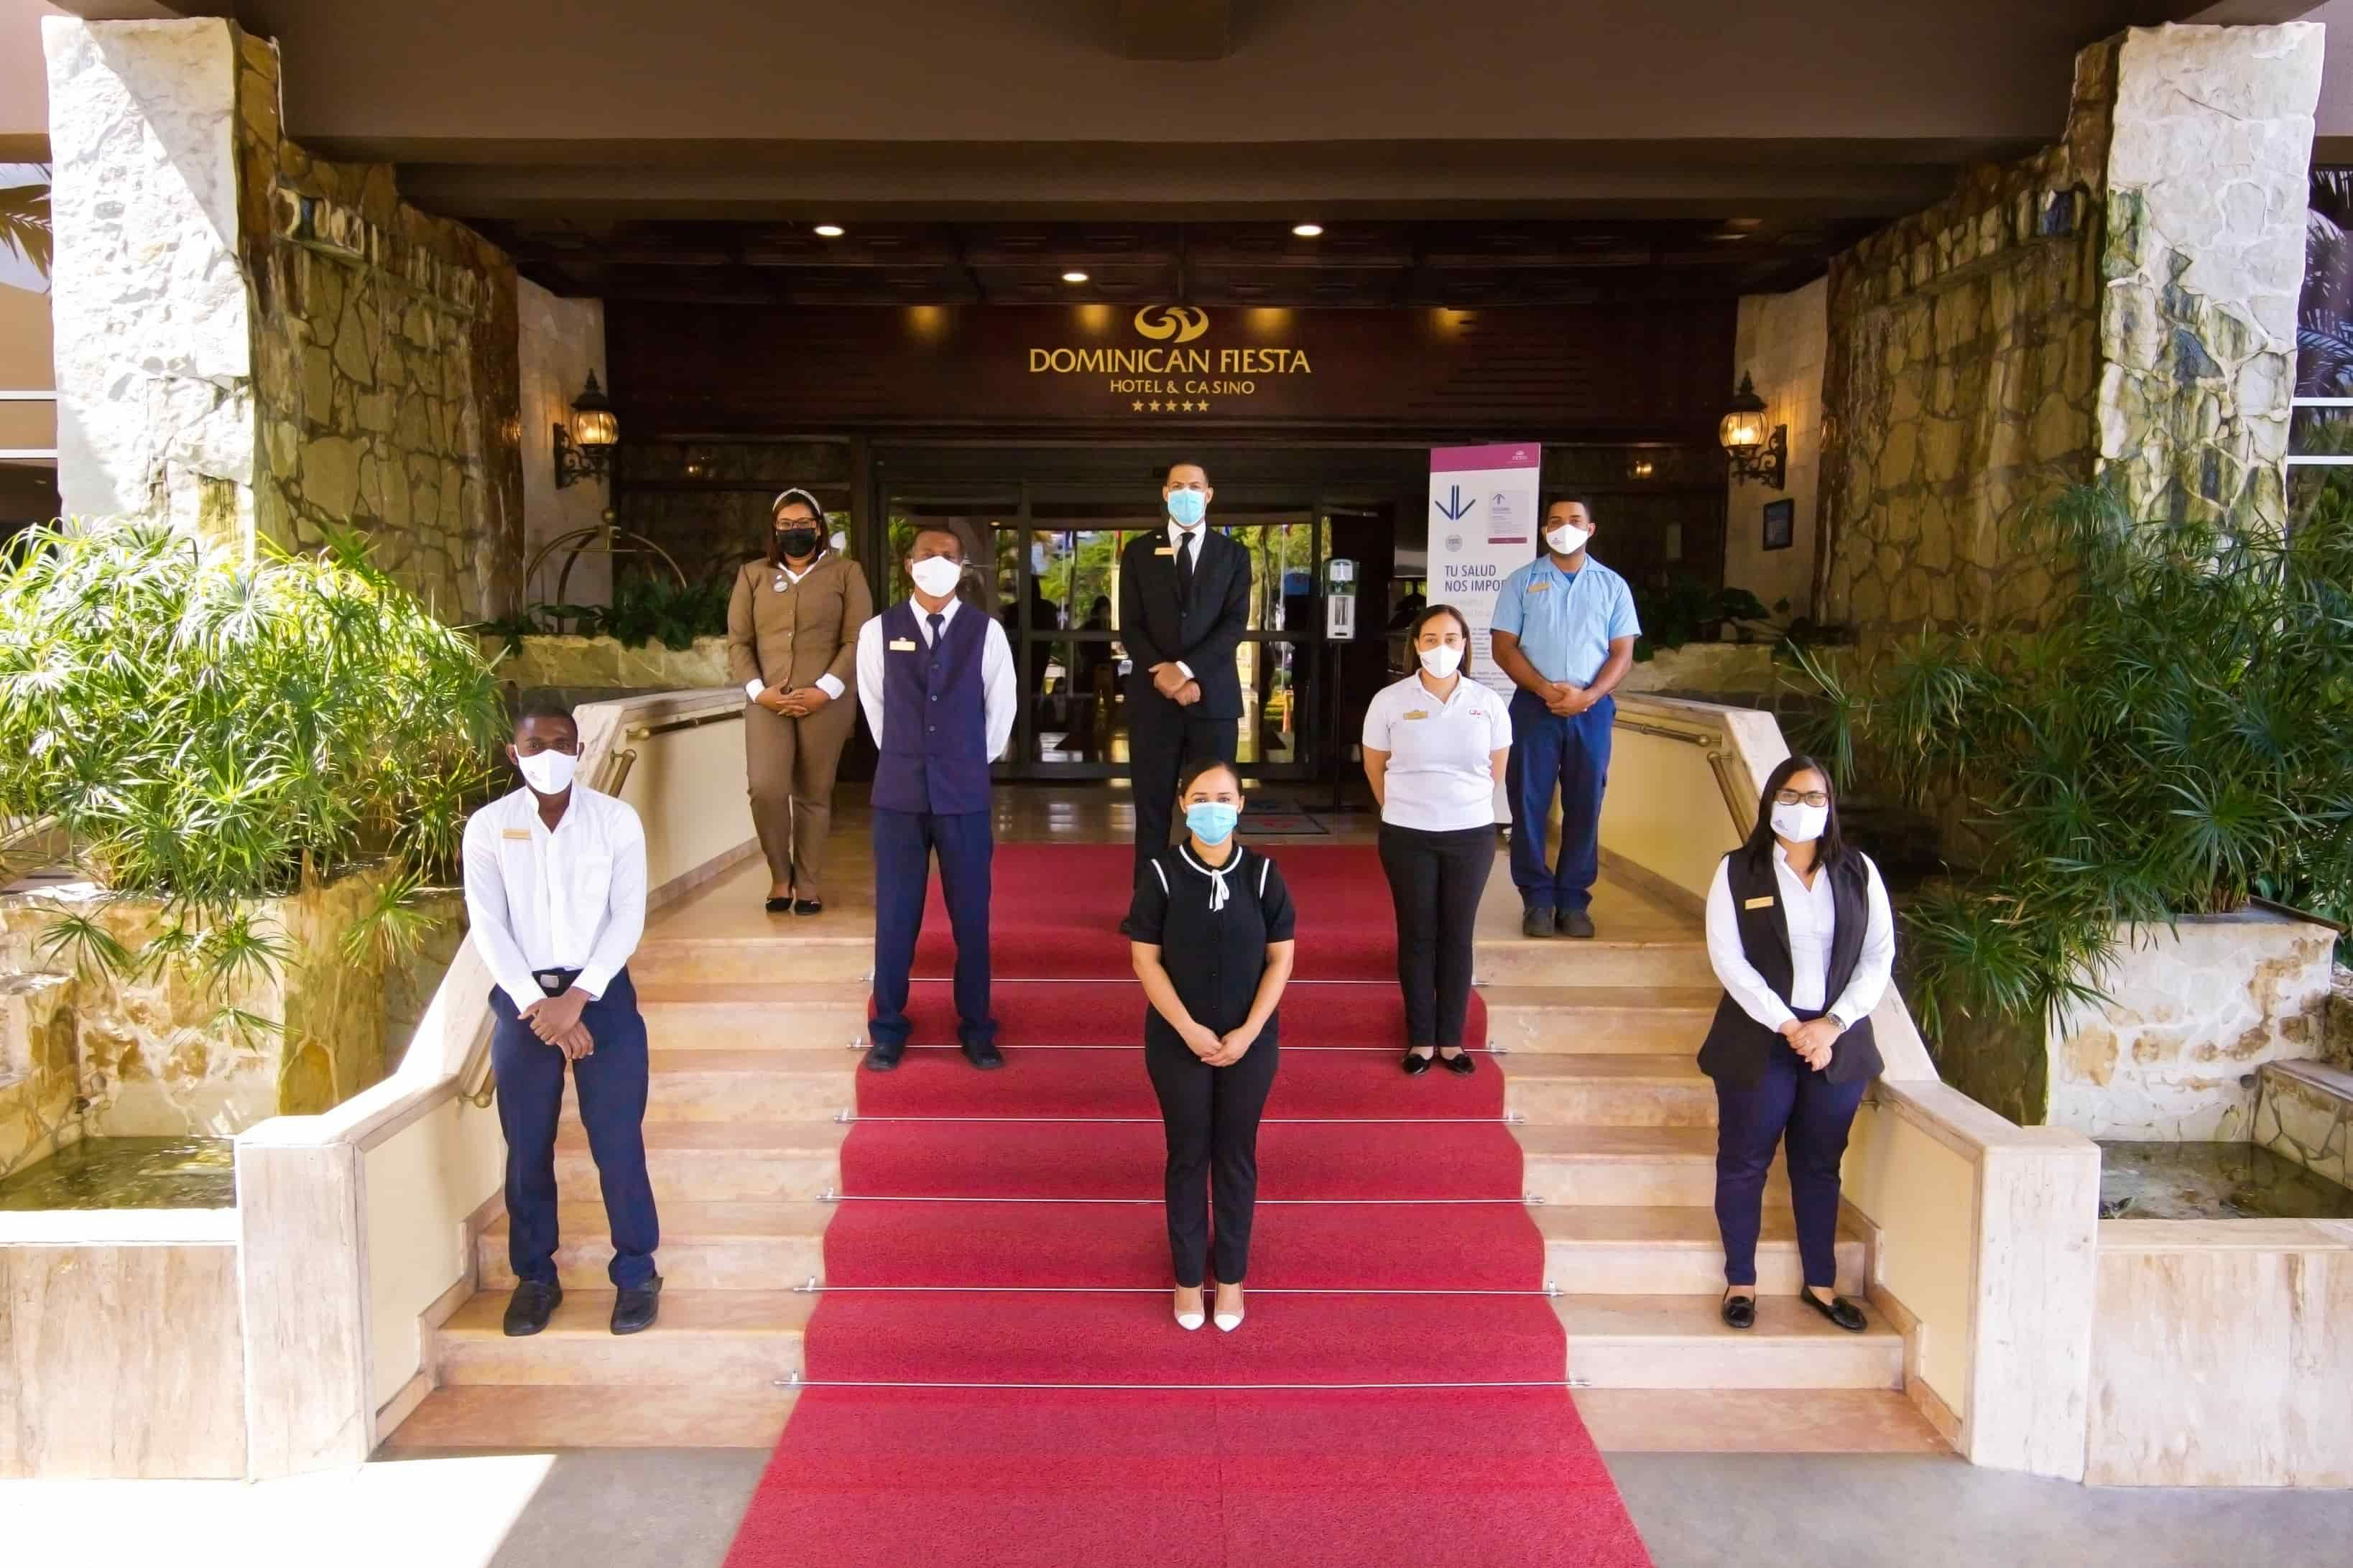 <p><strong>El Dominican Fiesta Hotel &amp; Casino reabre sus puertas y da a conocer protocolos post COVID -19.</strong></p>